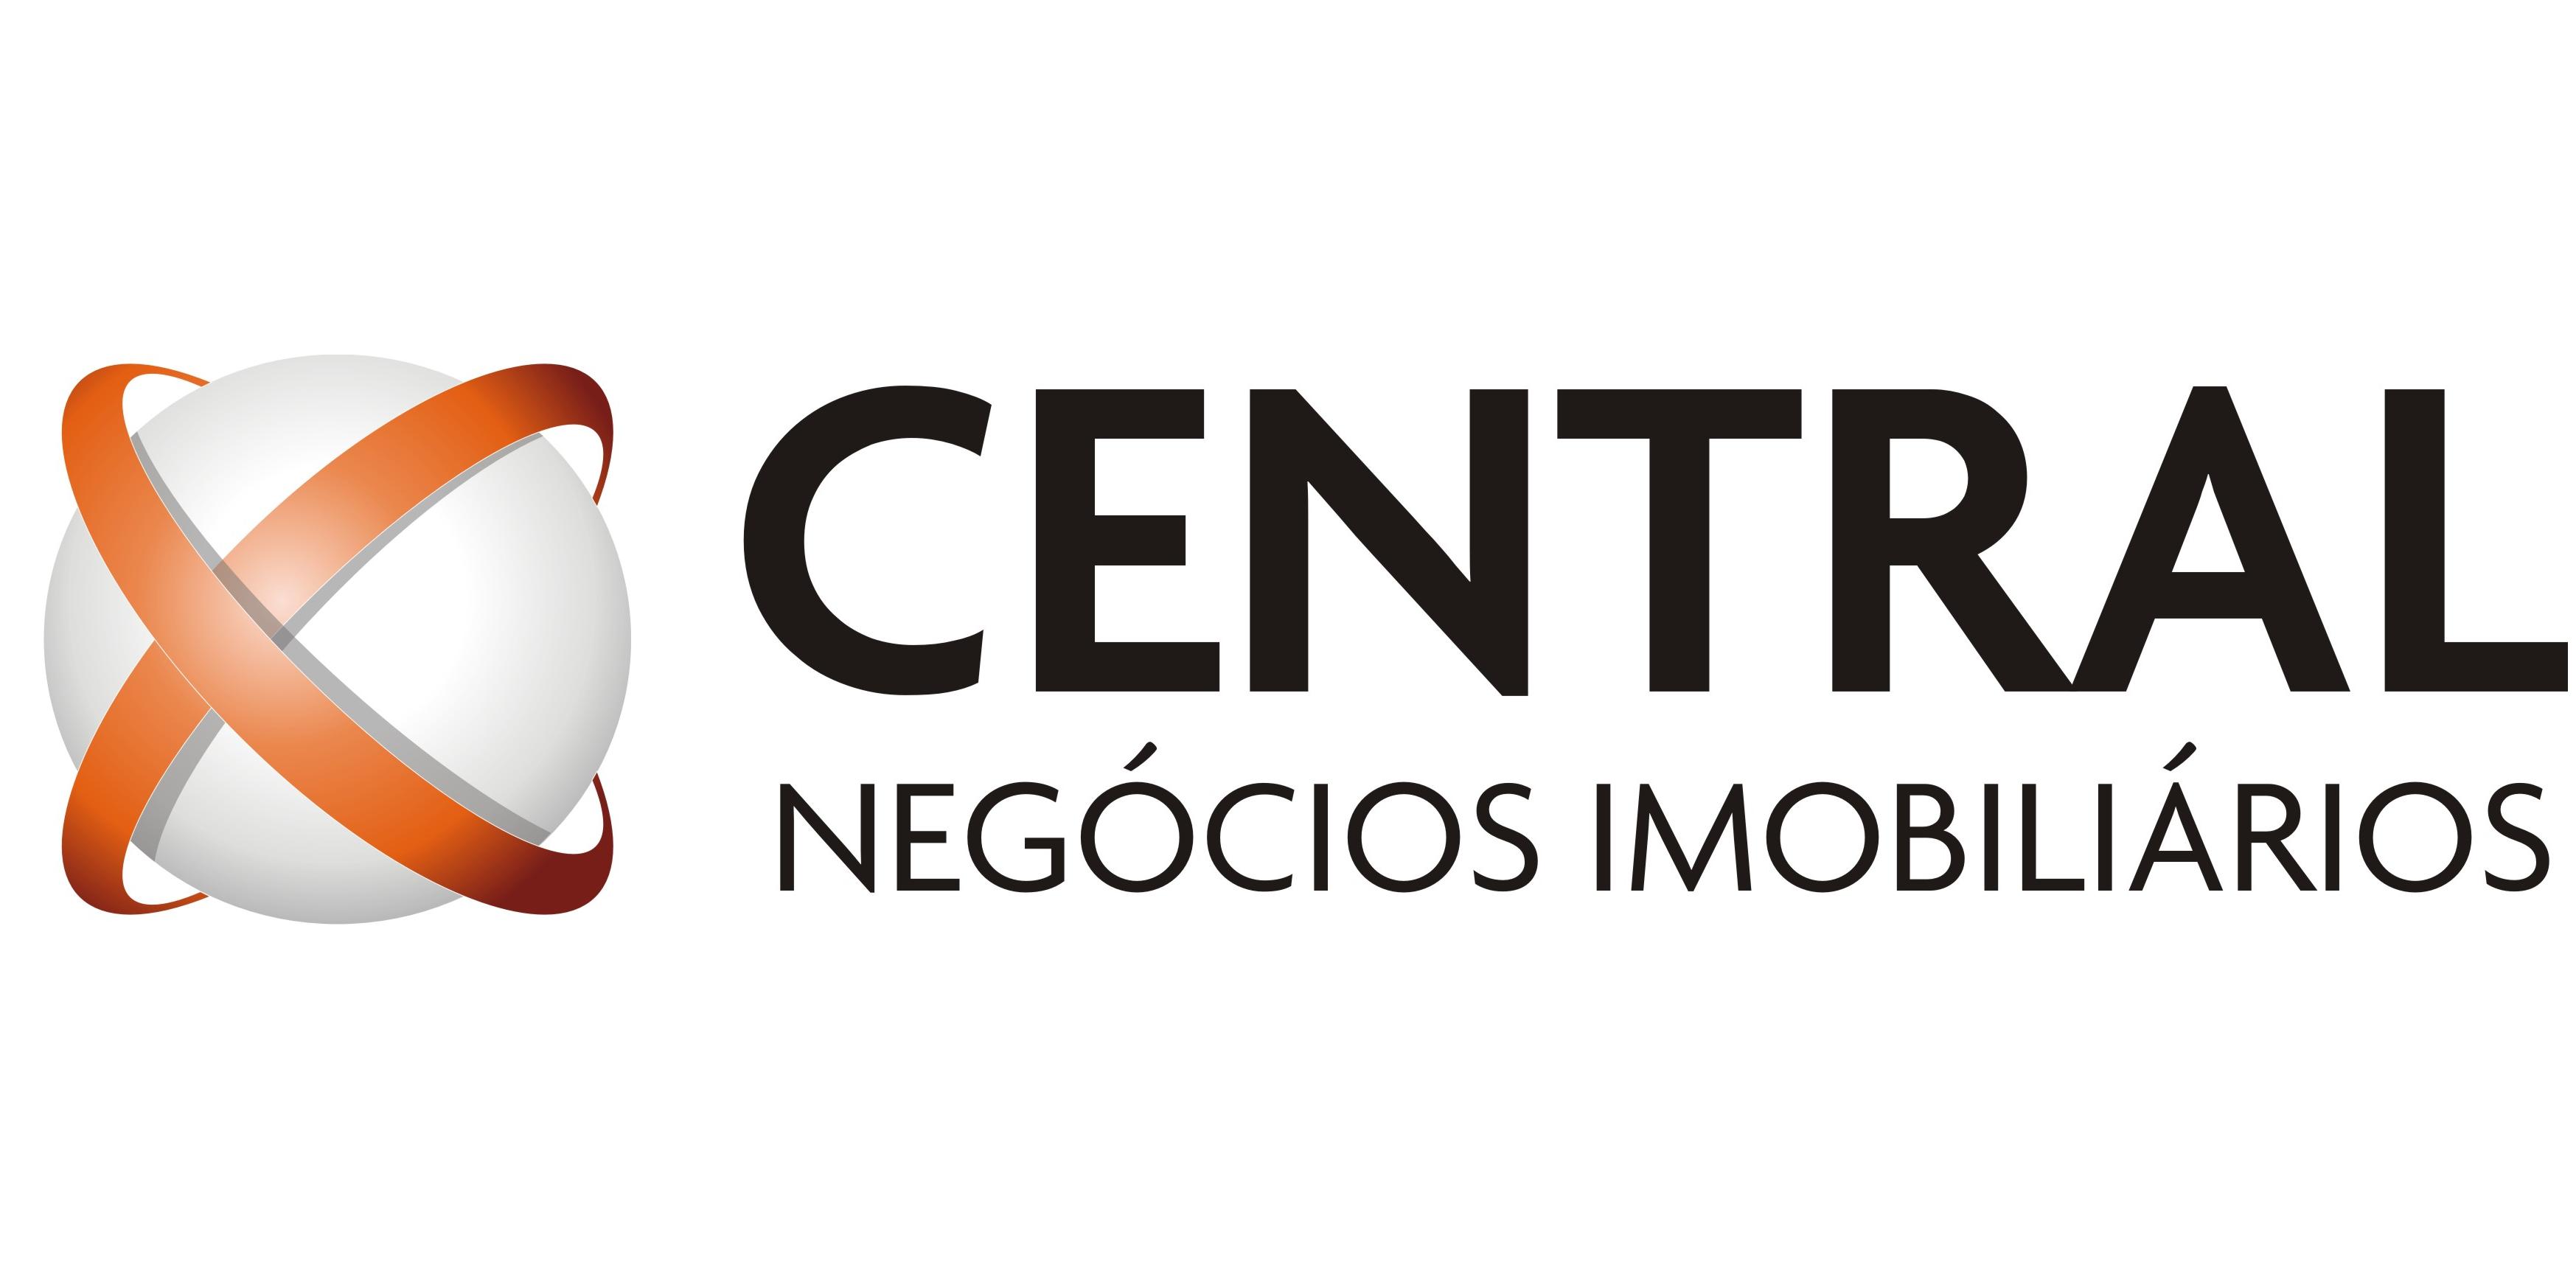 Central Negócios Imobiliários Ltda